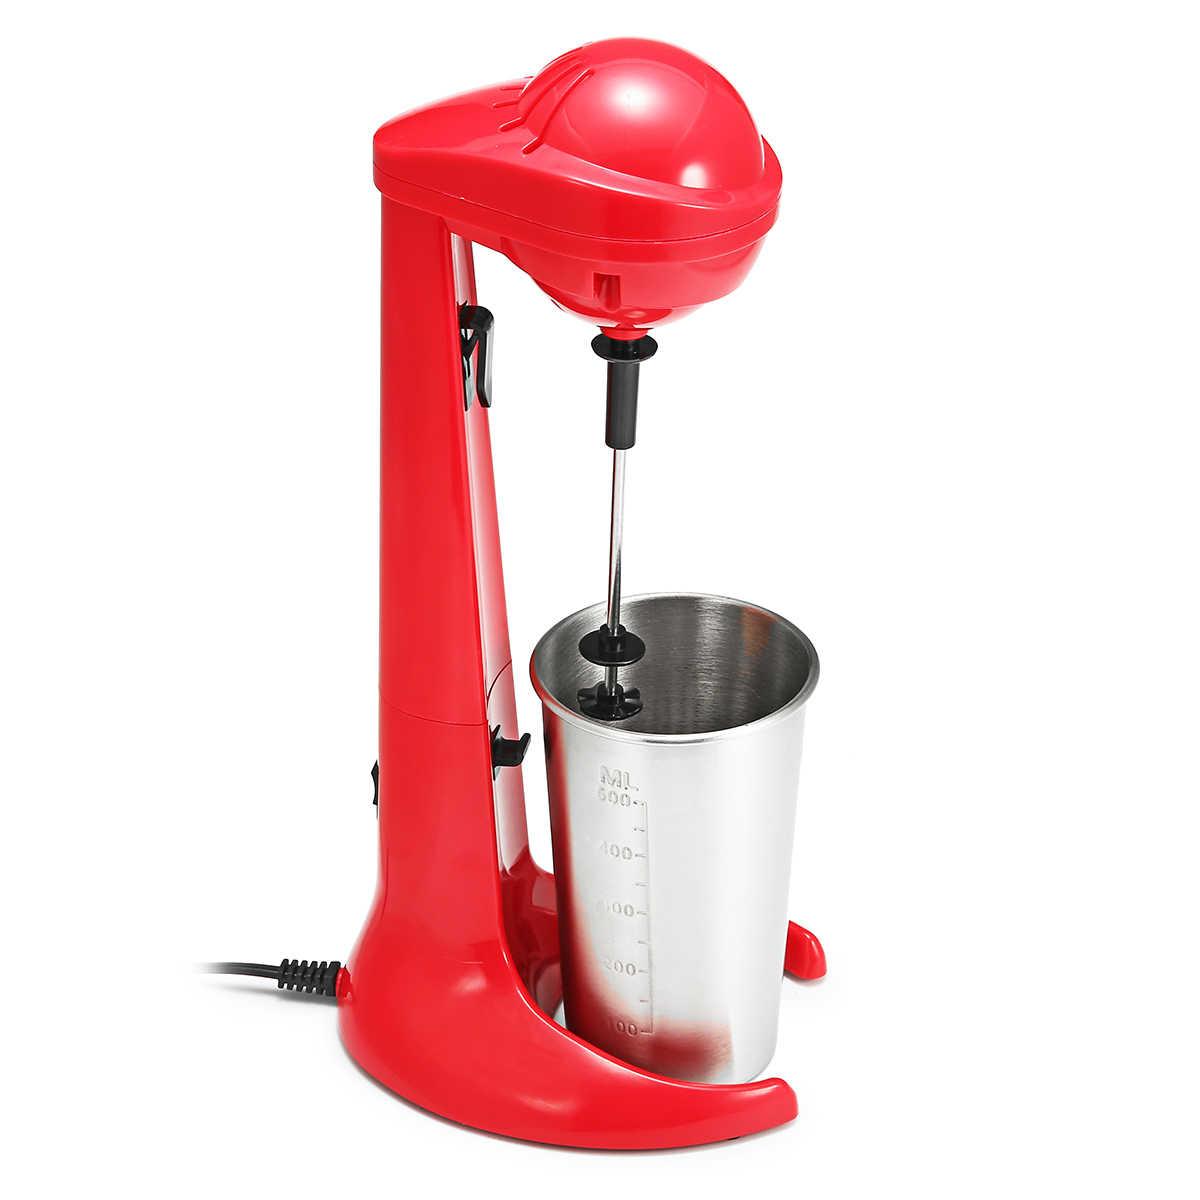 Misturadores de Alimentos multifuncional Misturador de Mistura de Café Leite Milkshake Maker Sorvete Smoothies Shakes Cocktail Criador Máquina de Cozinha